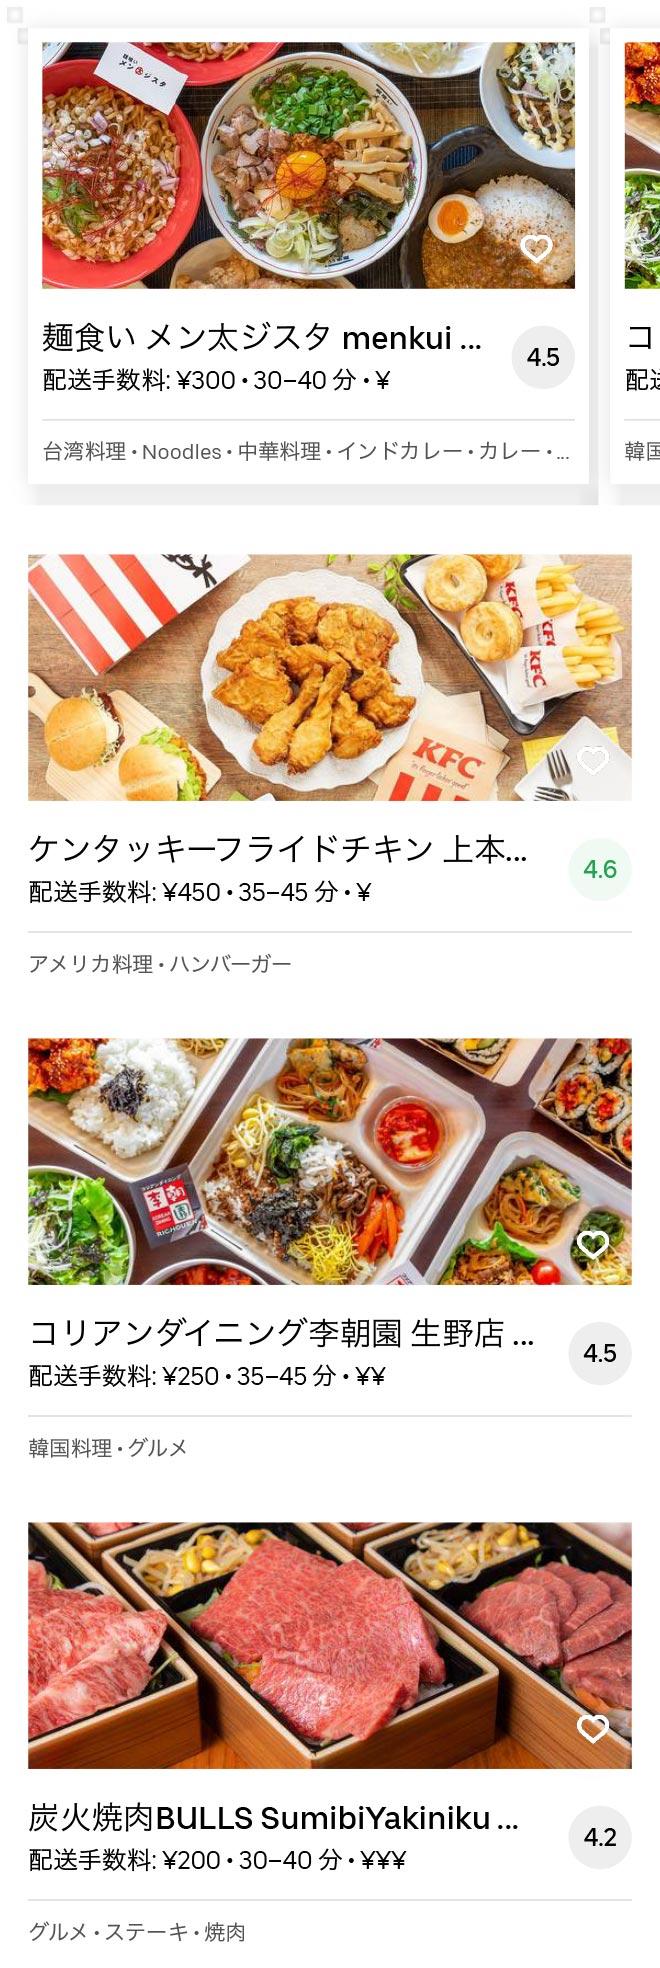 Higashi osaka fuse menu 2005 02